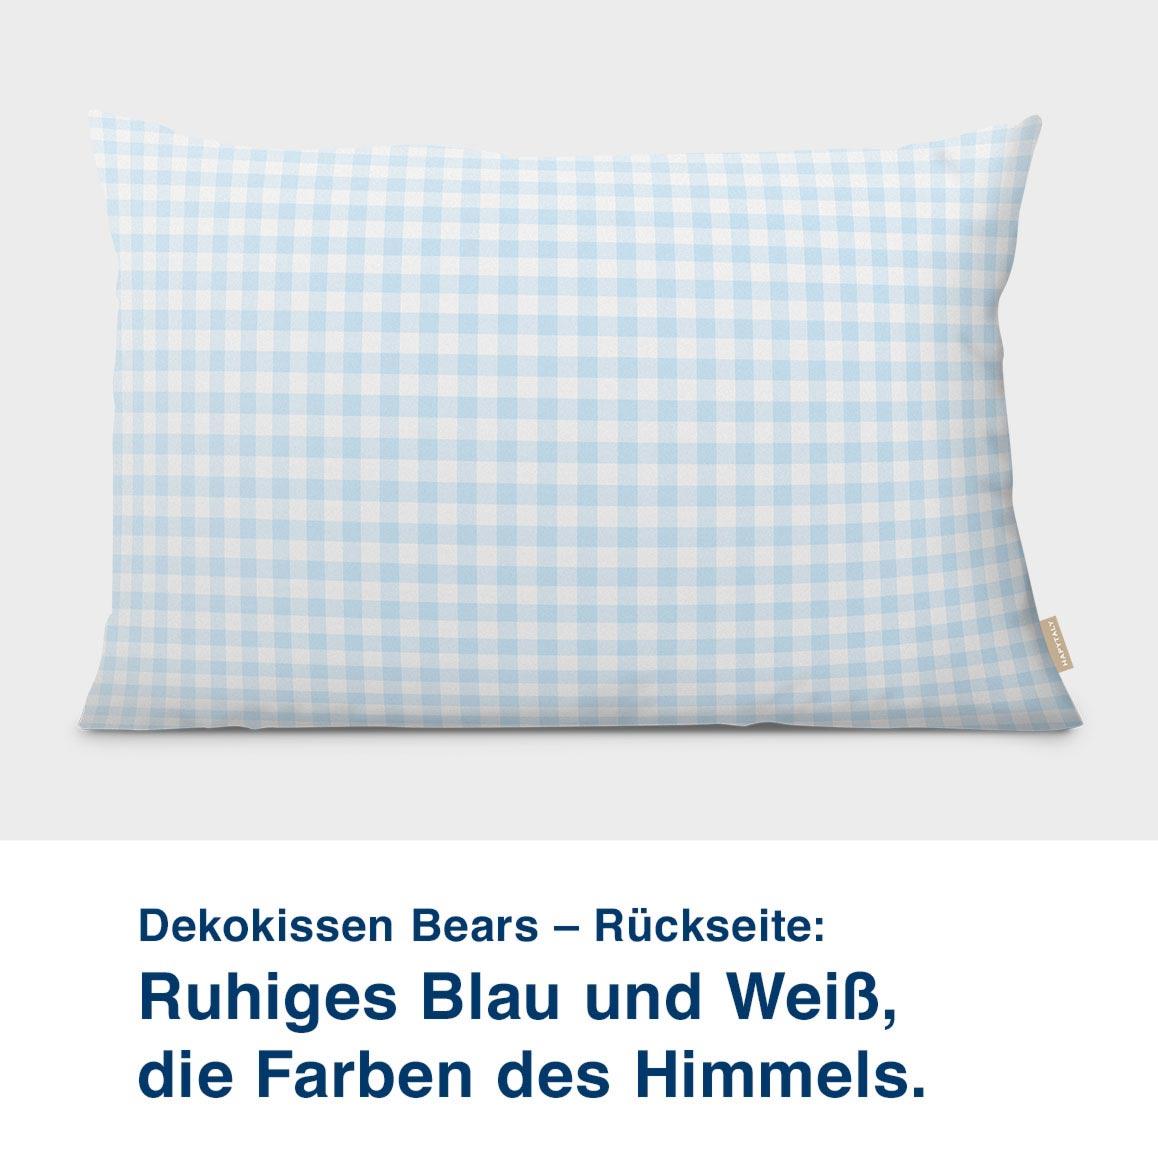 Dekokissen Bears – Rückseite:  Ruhiges Blau und Weiß, die Farben des Himmels.